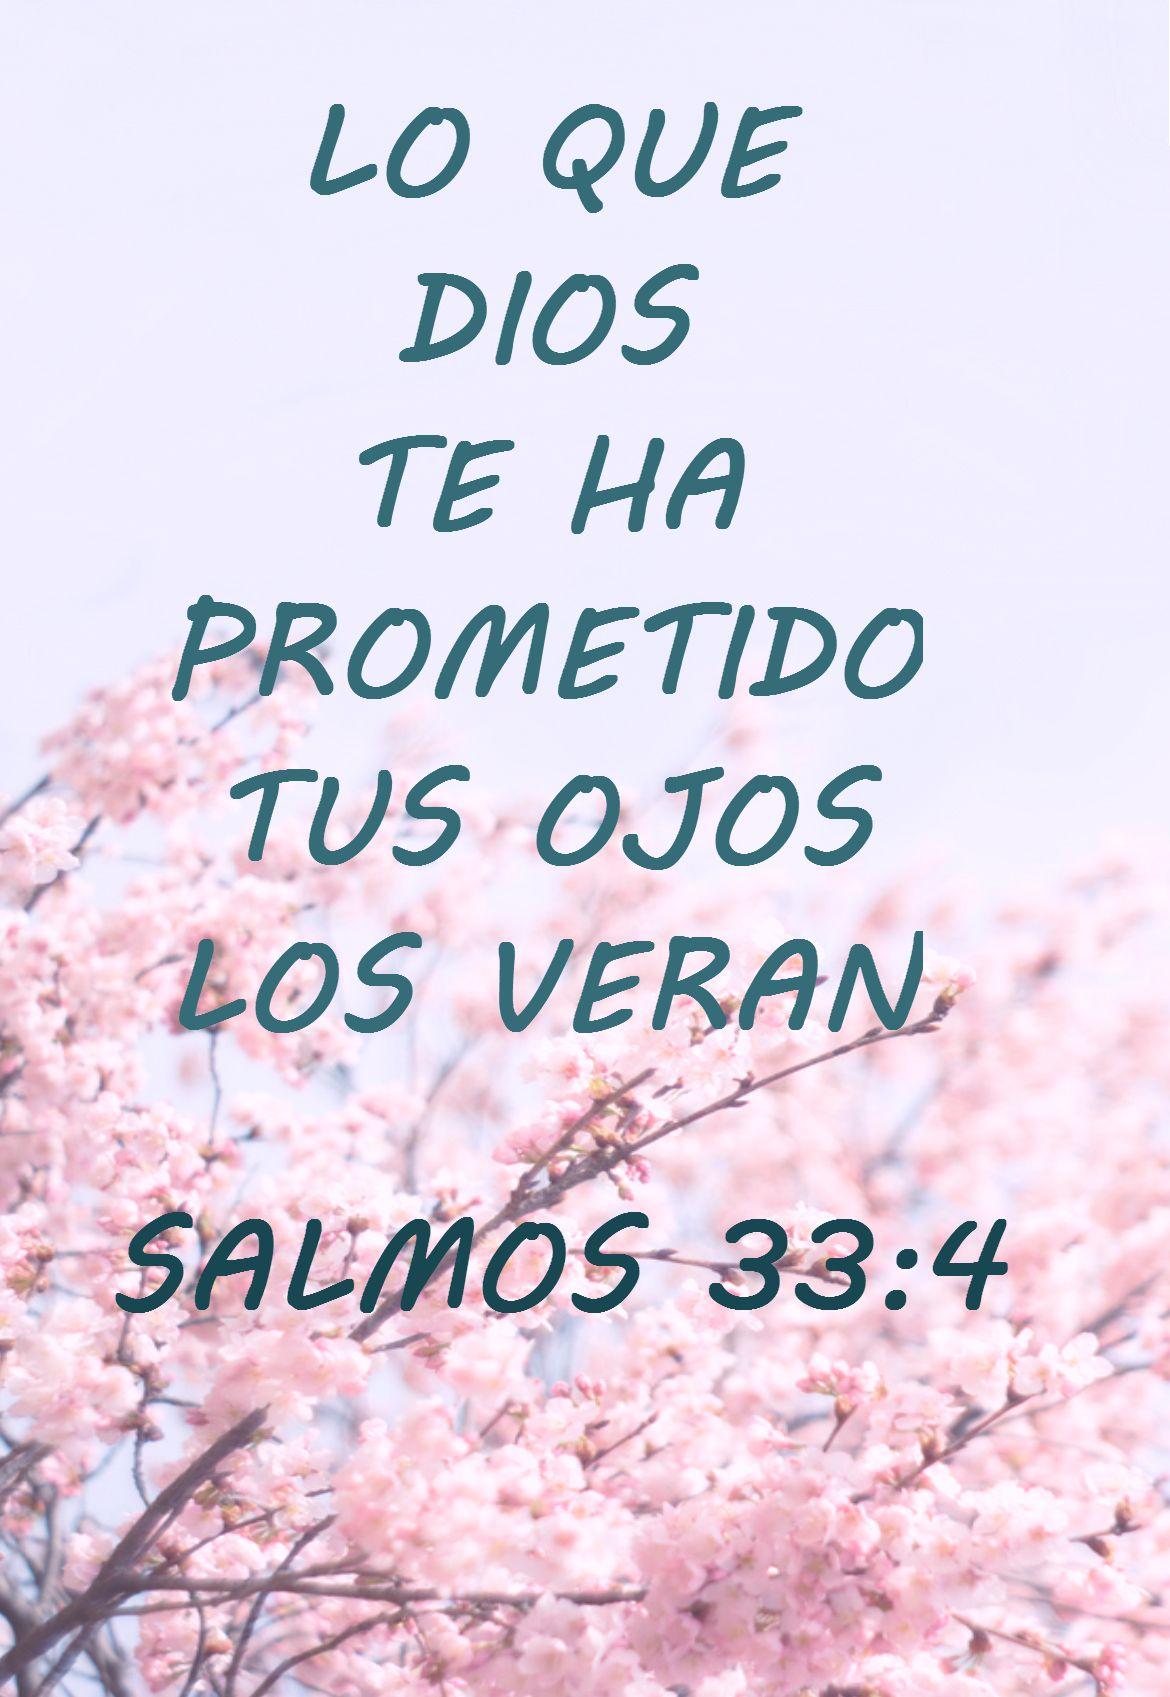 Salmos 334